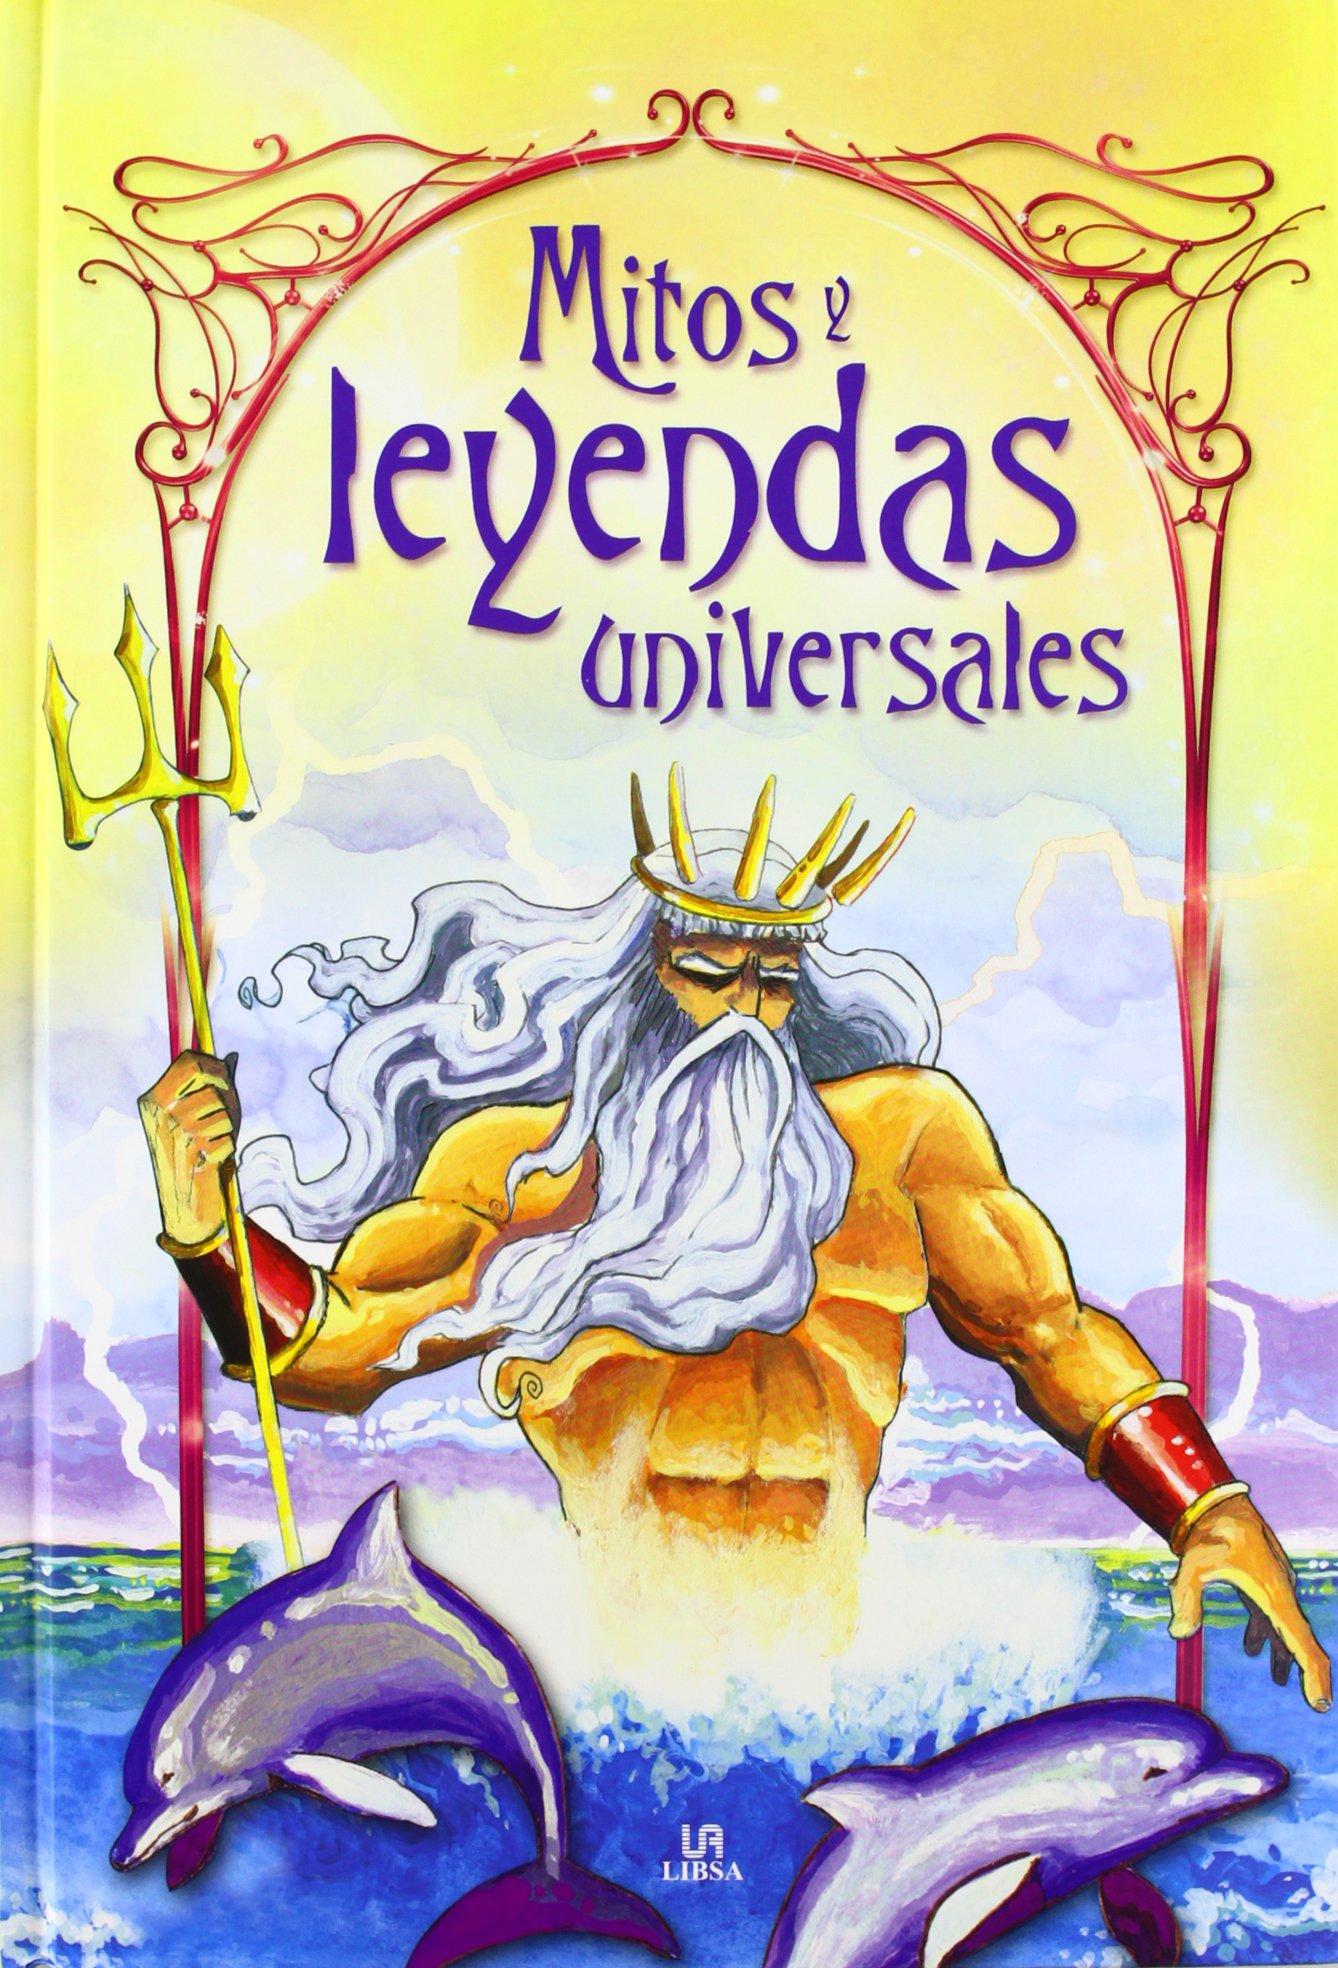 Mitos Y Leyendas Universales Cuentos Y Leyendas Spanish Edition Equipo Editorial 9788466225700 Books